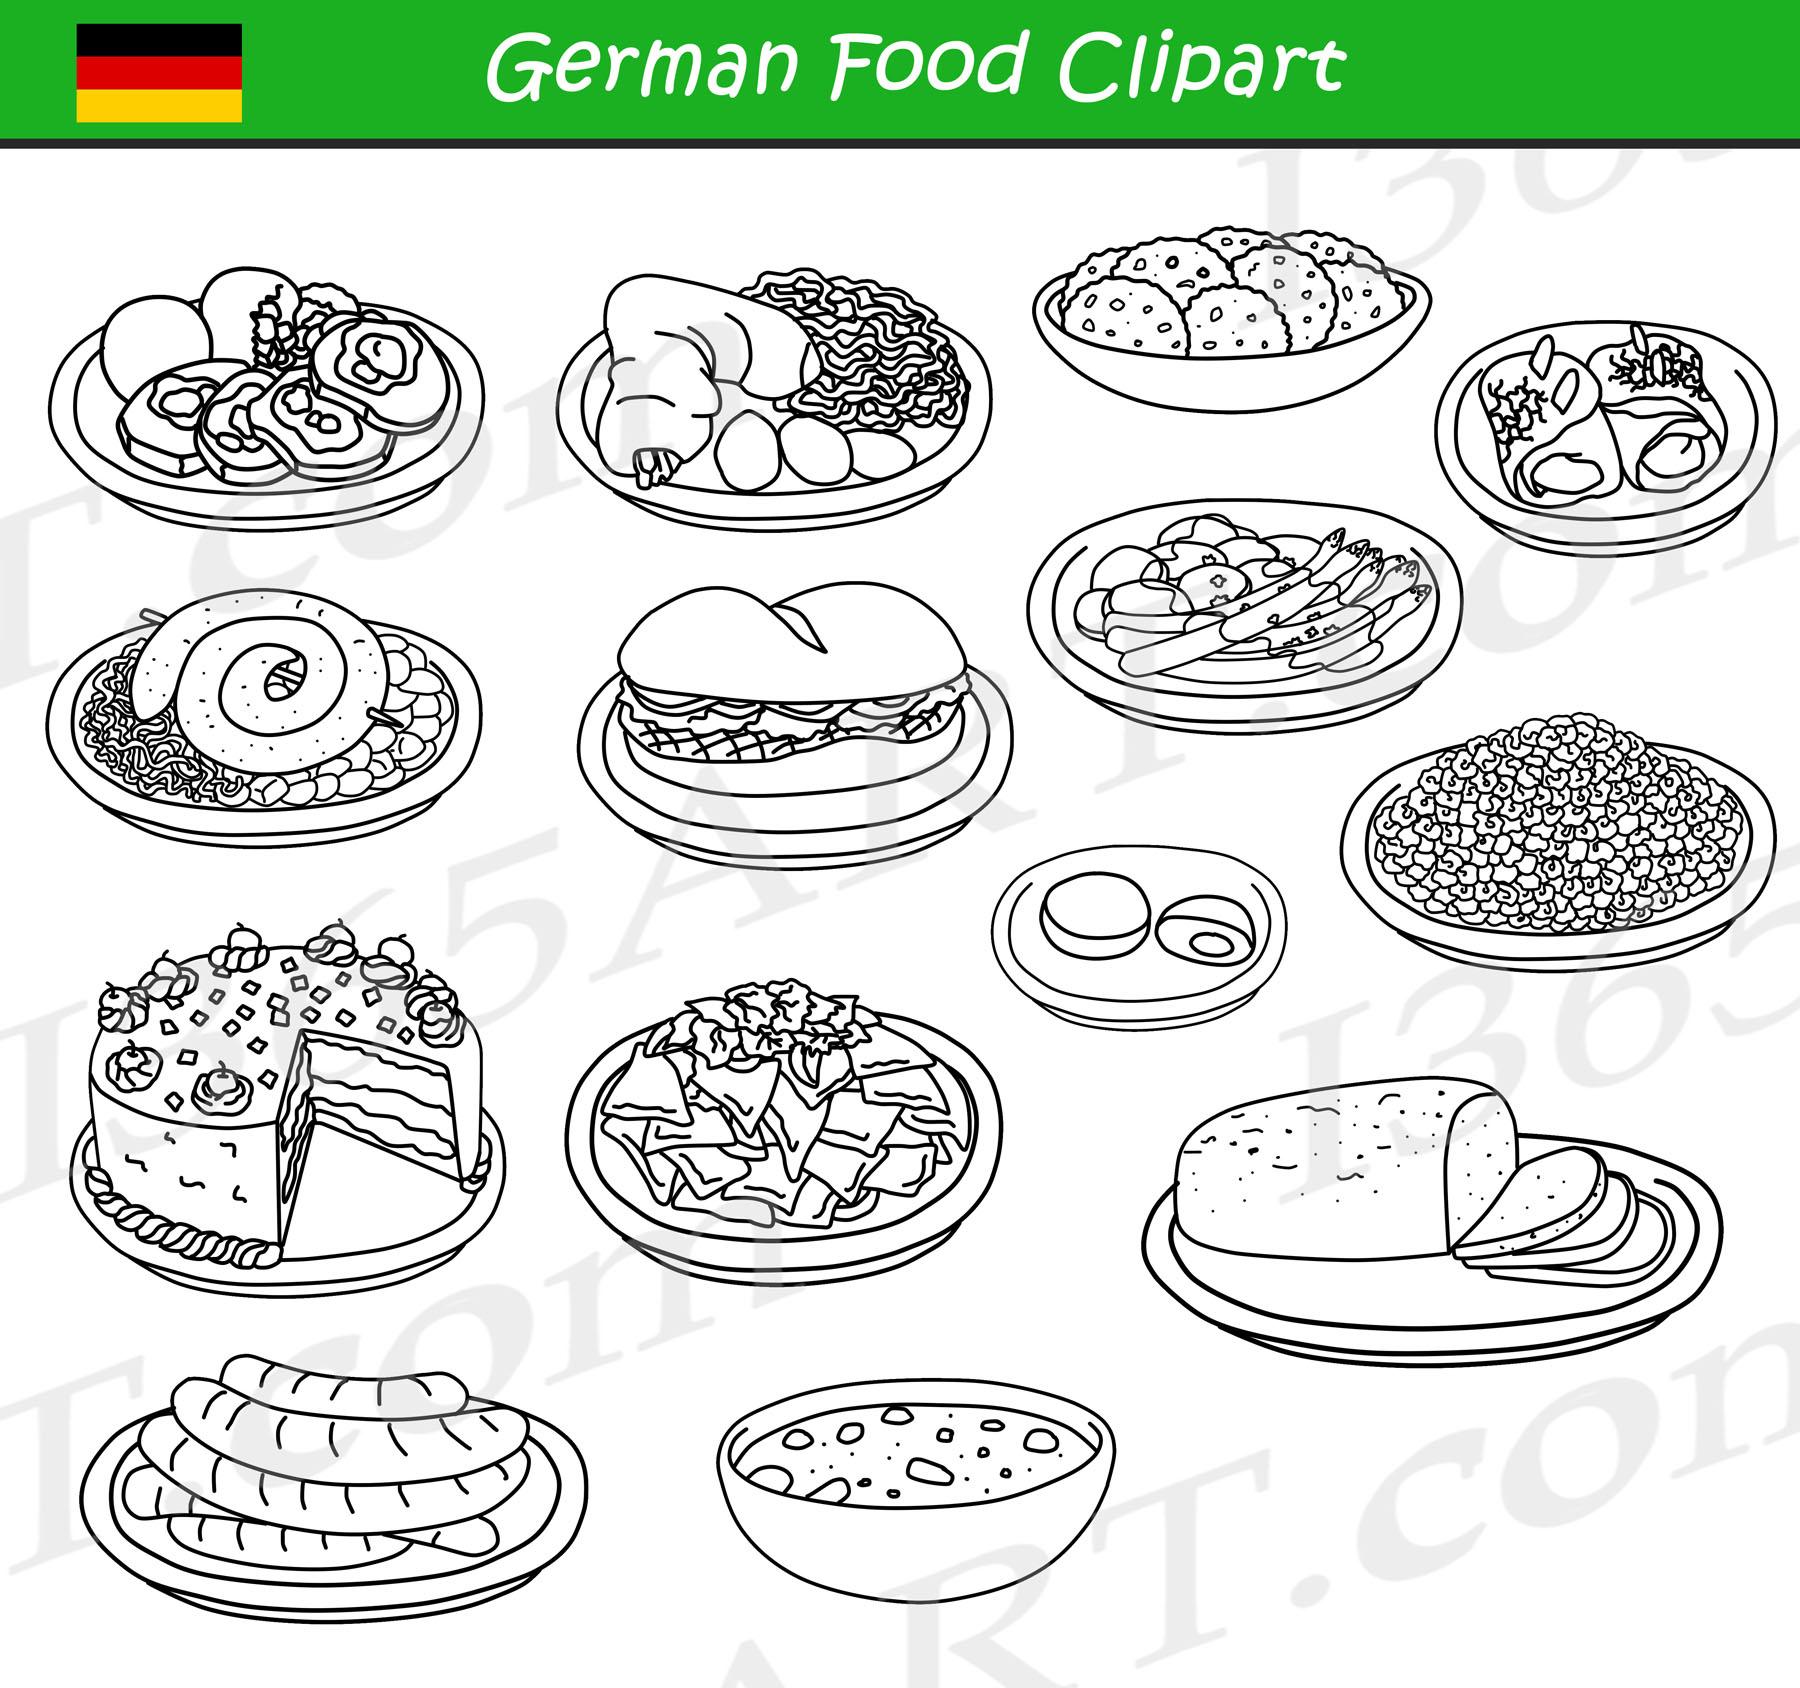 German Food Clipart Bundle Pack